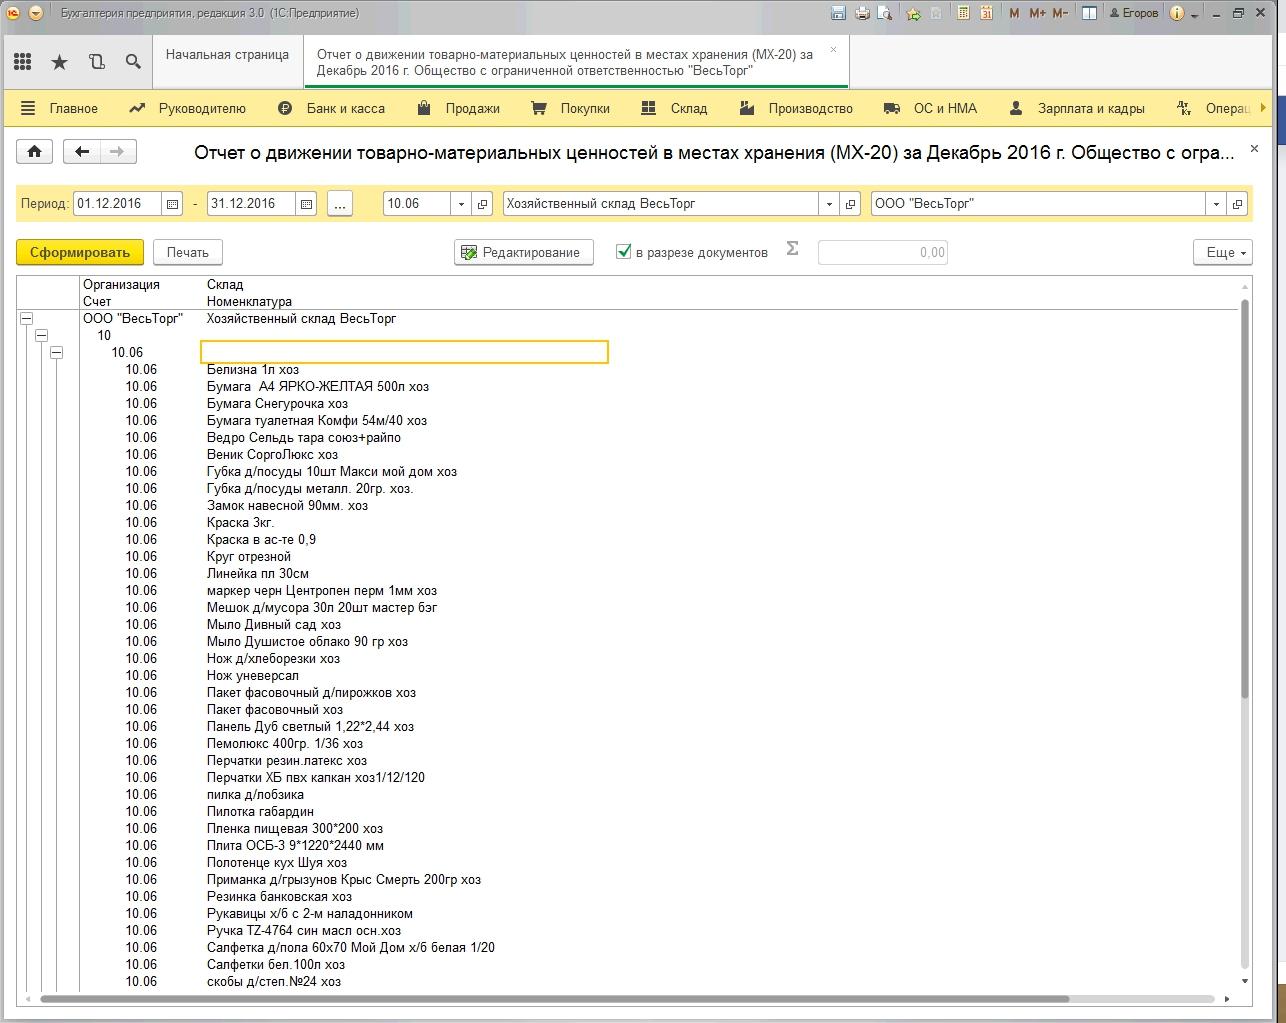 Материальный отчет (МХ-20) Бухгалтерия 3.0 ОКУД 0335020 + вывод отчета в разрезе документов - Форум.Инфостарт